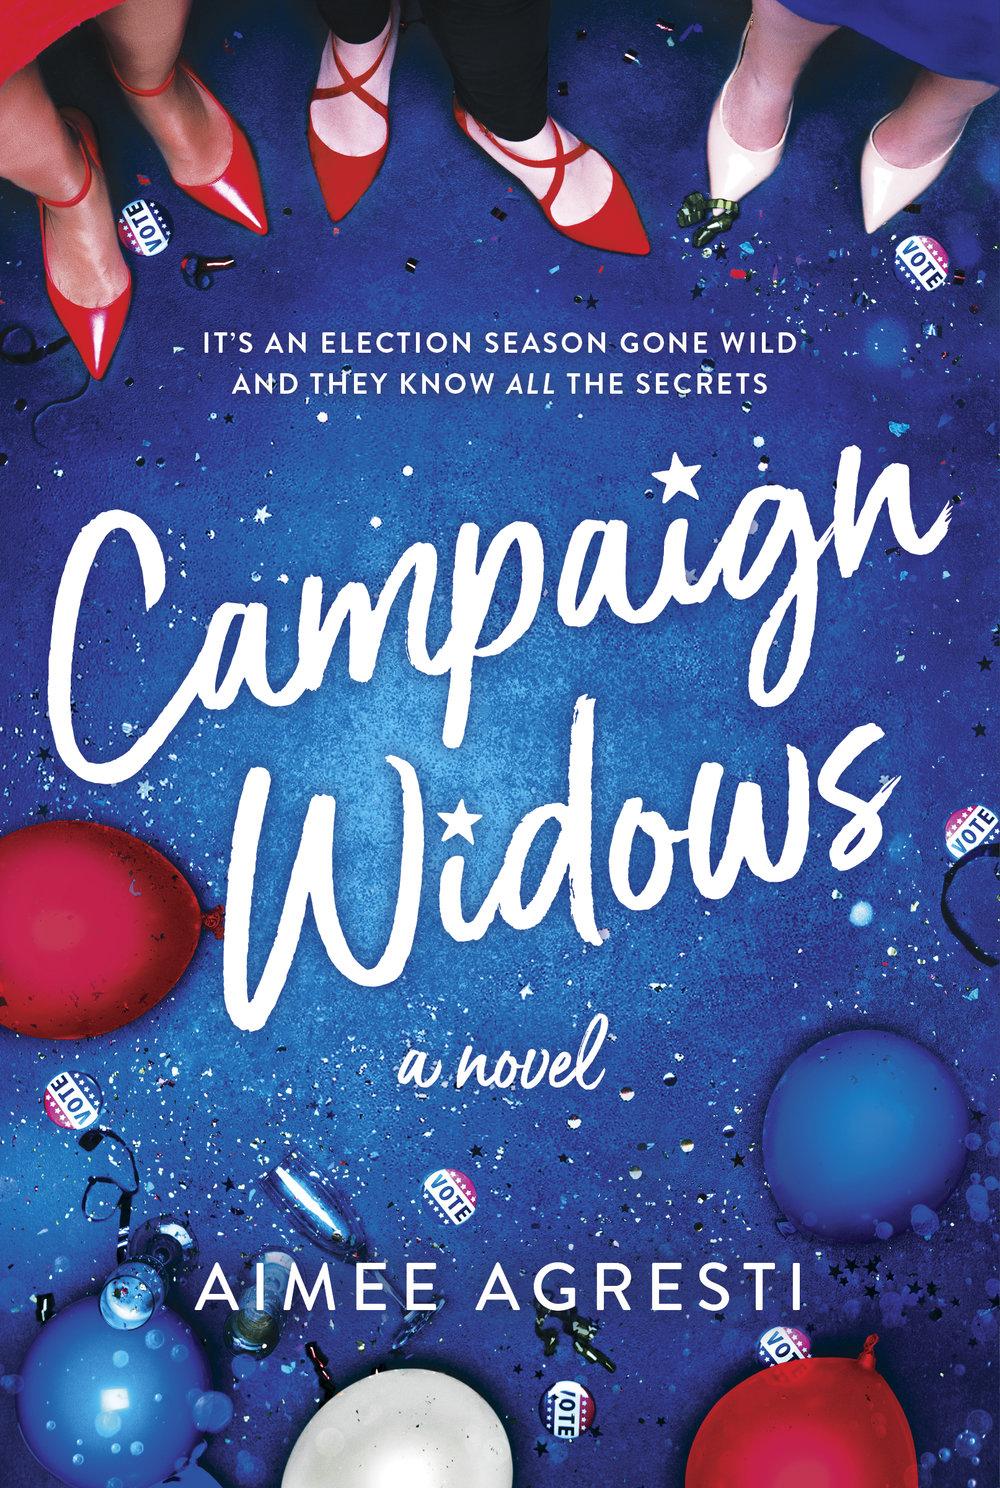 cover_Campaign Widows_Aimee Agresti (2).jpg